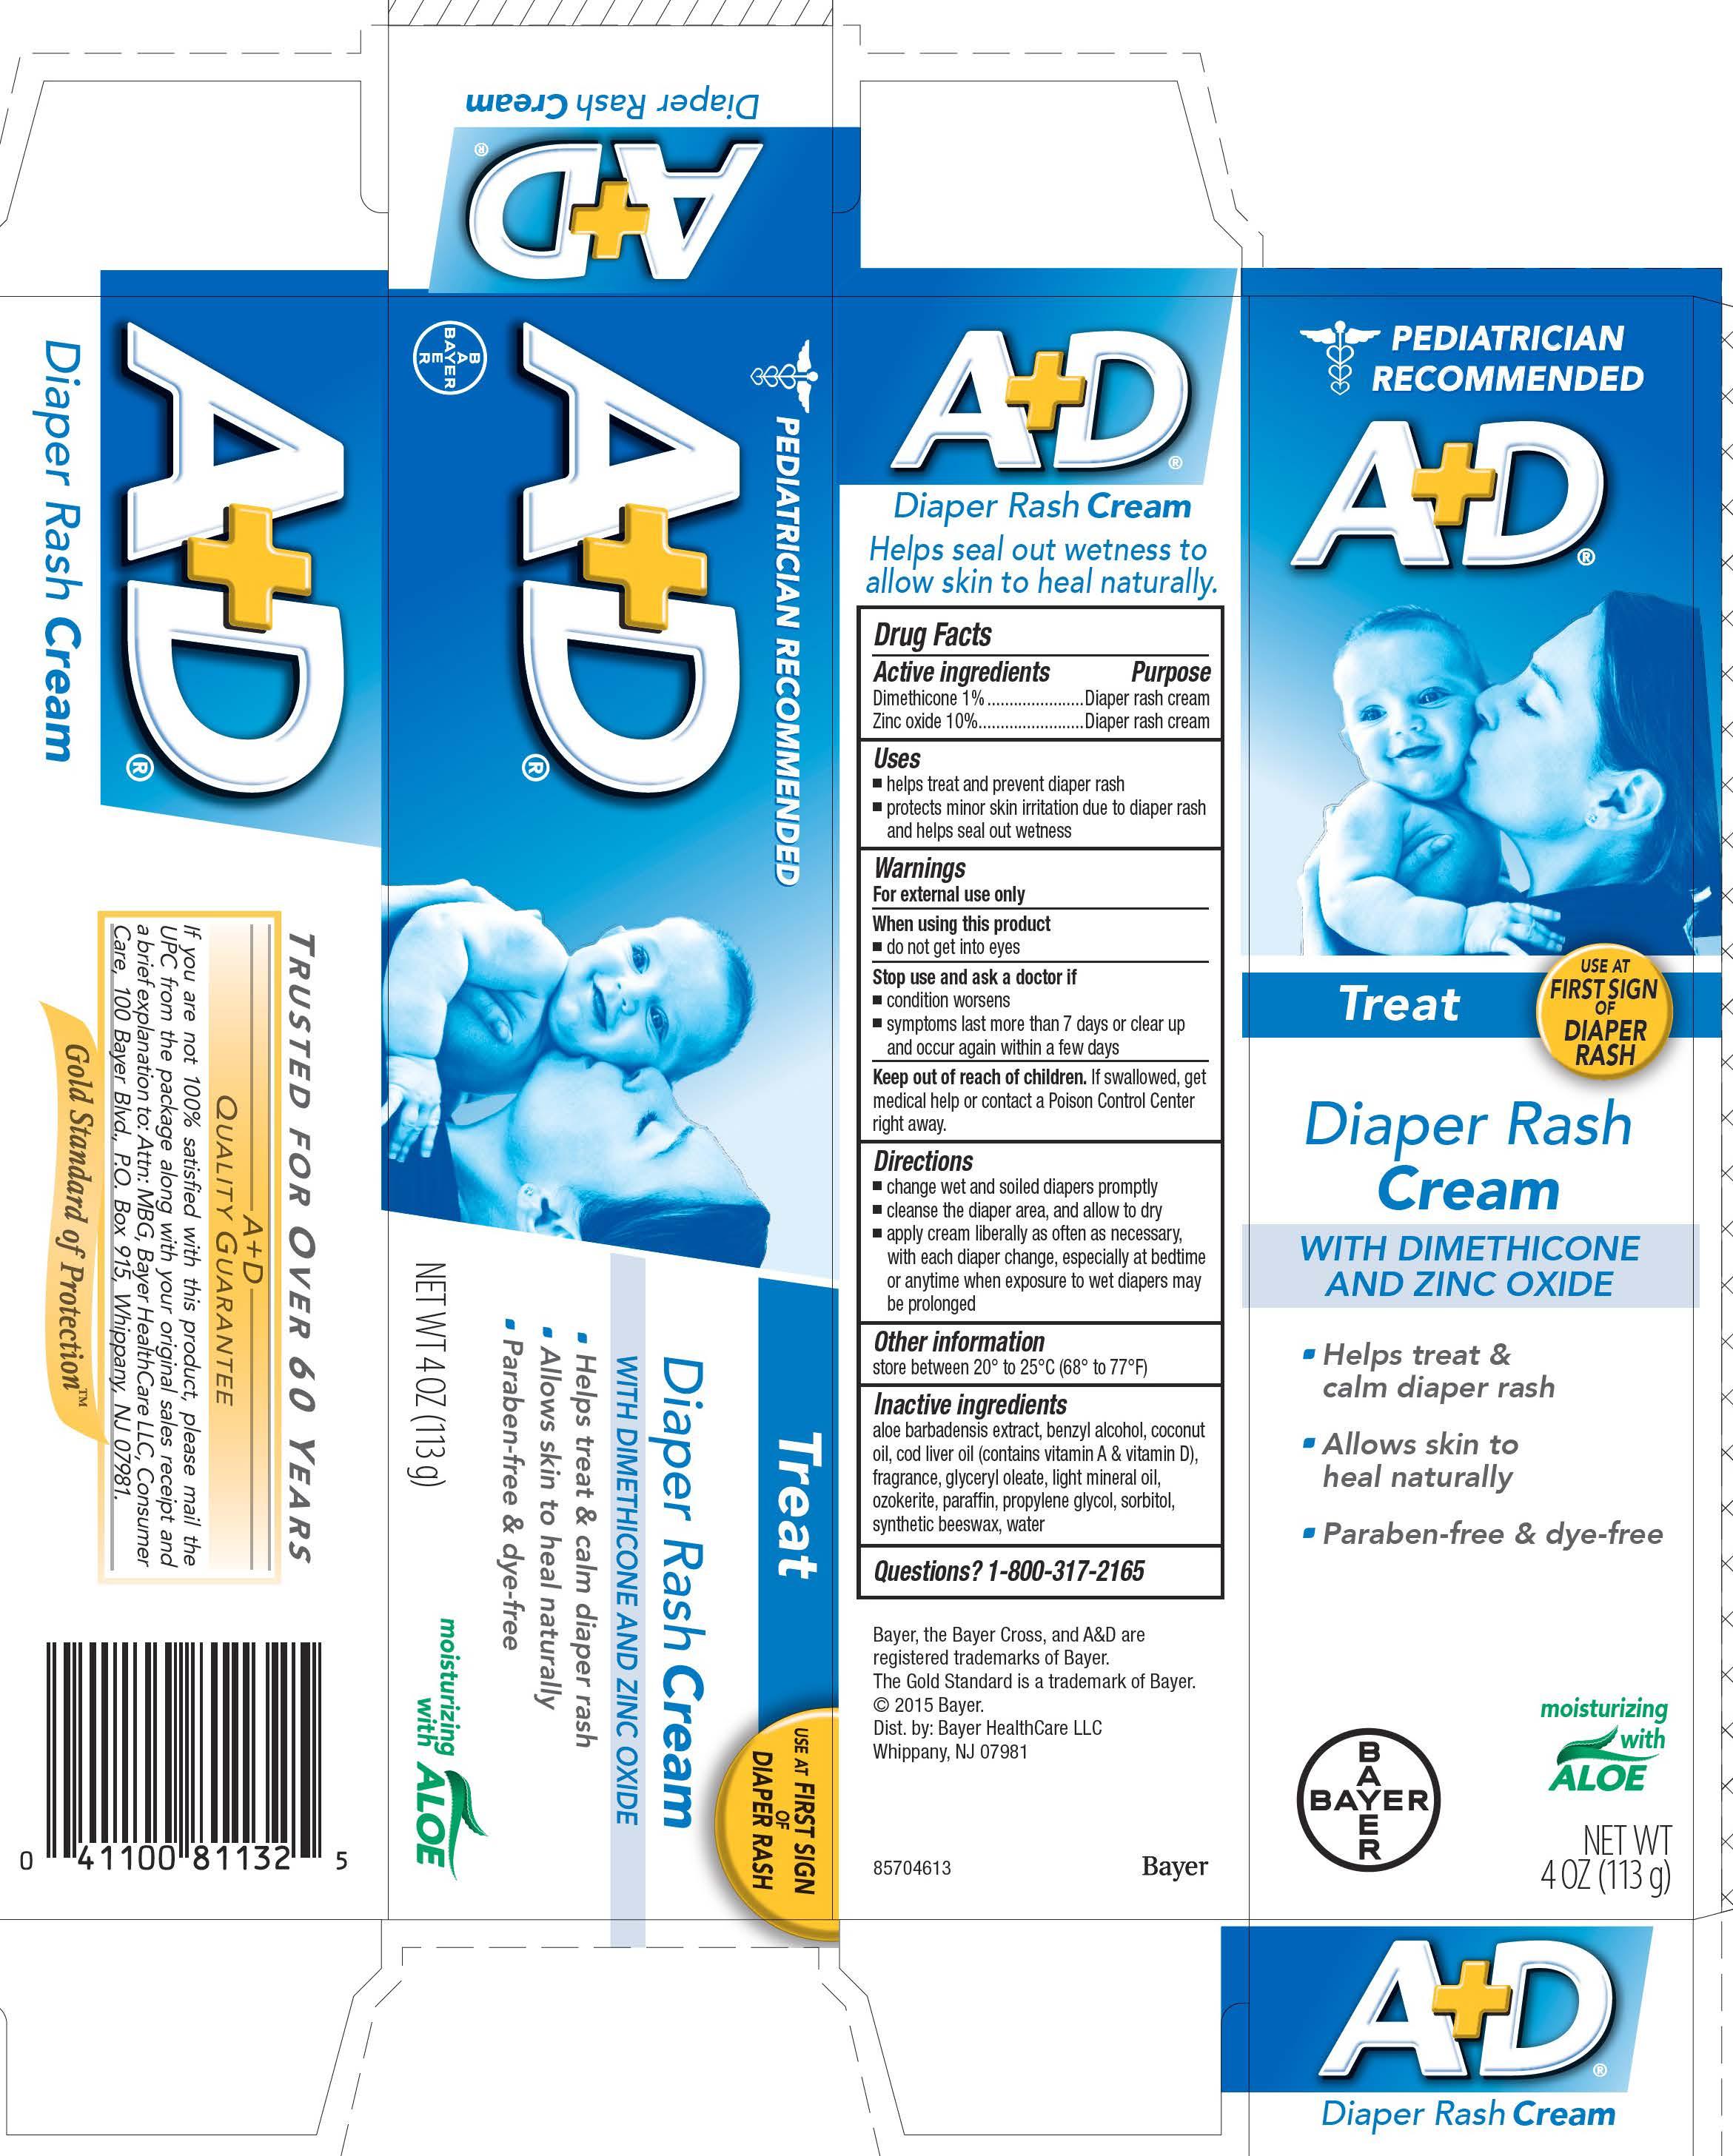 4 oz carton